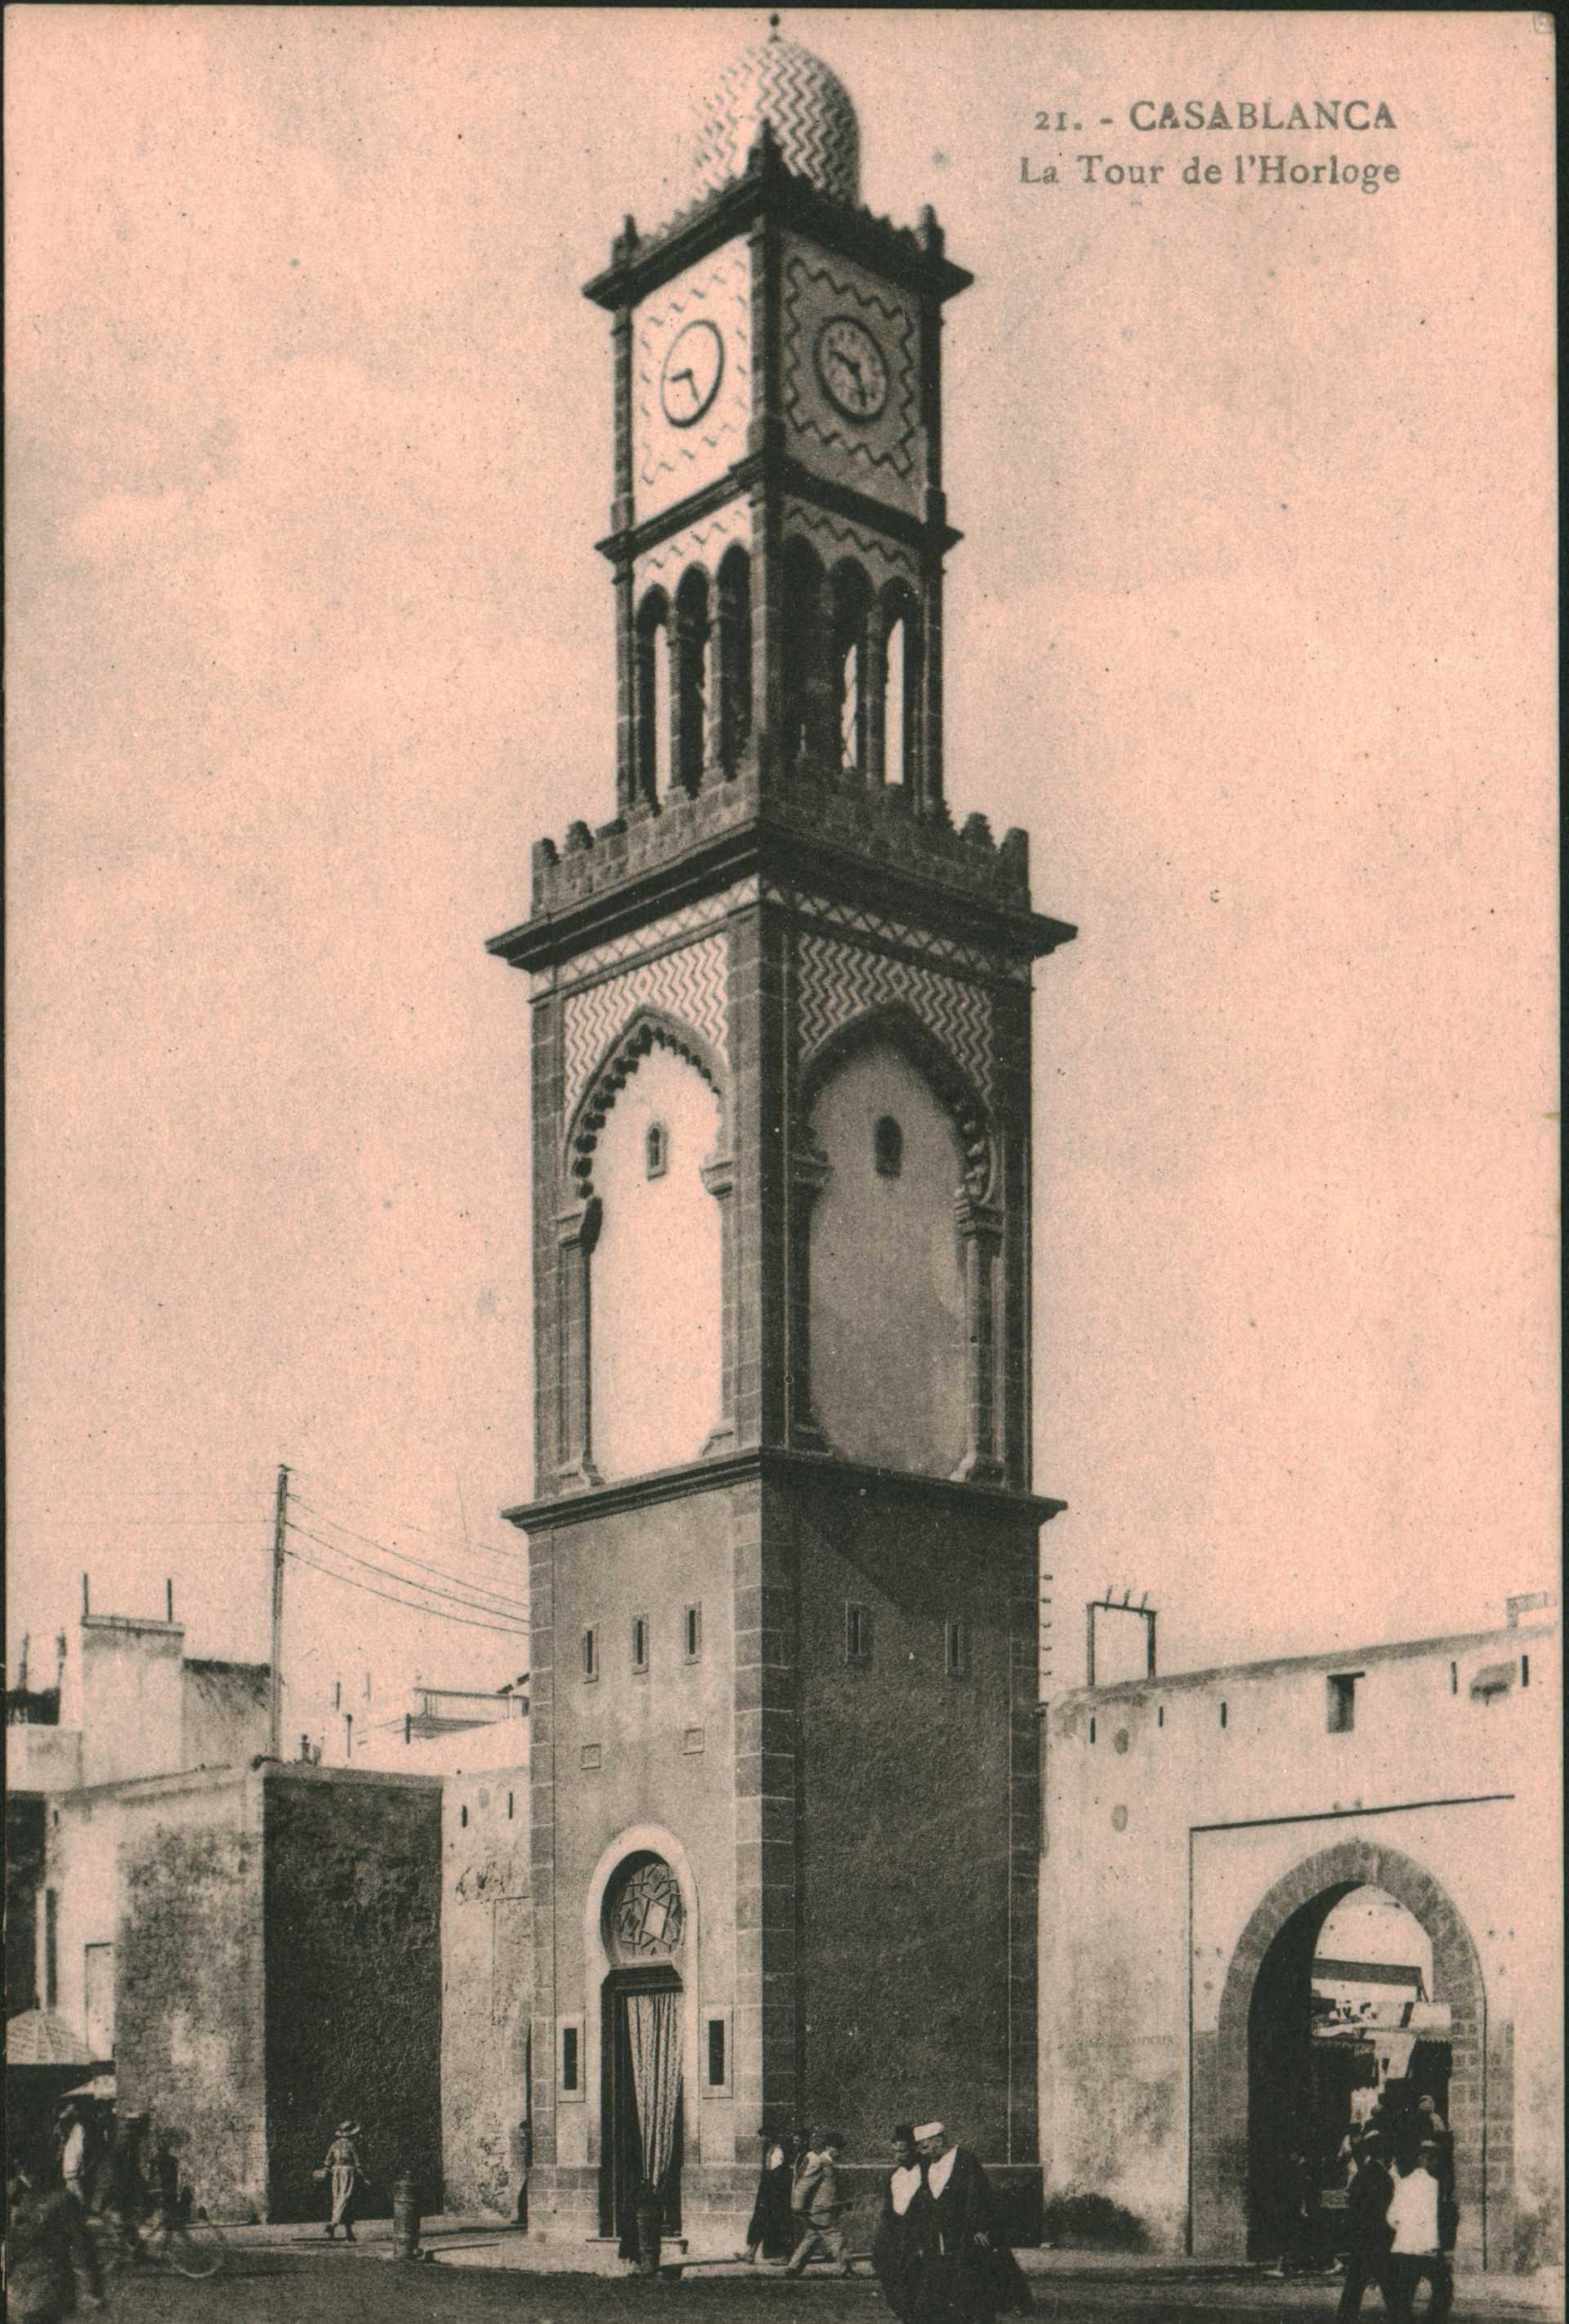 21.Casablanca – La Tour de l'Horloge